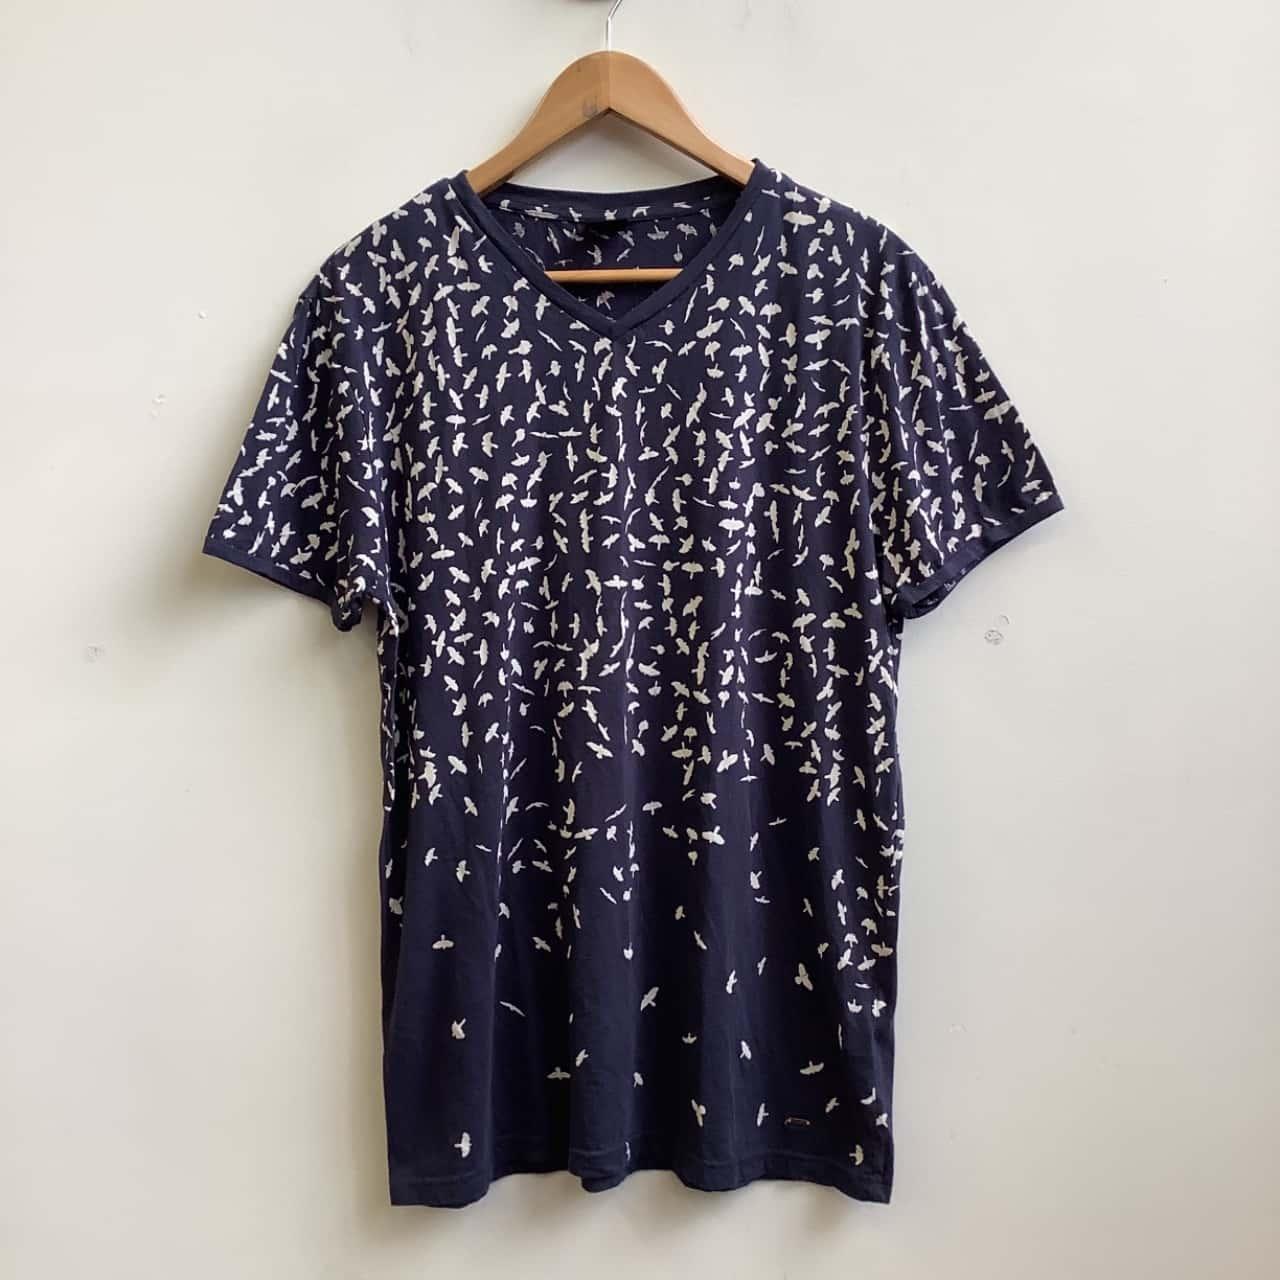 Hugo Boss Mens Size L Navy Blue Bird Print Cotton T-Shirt